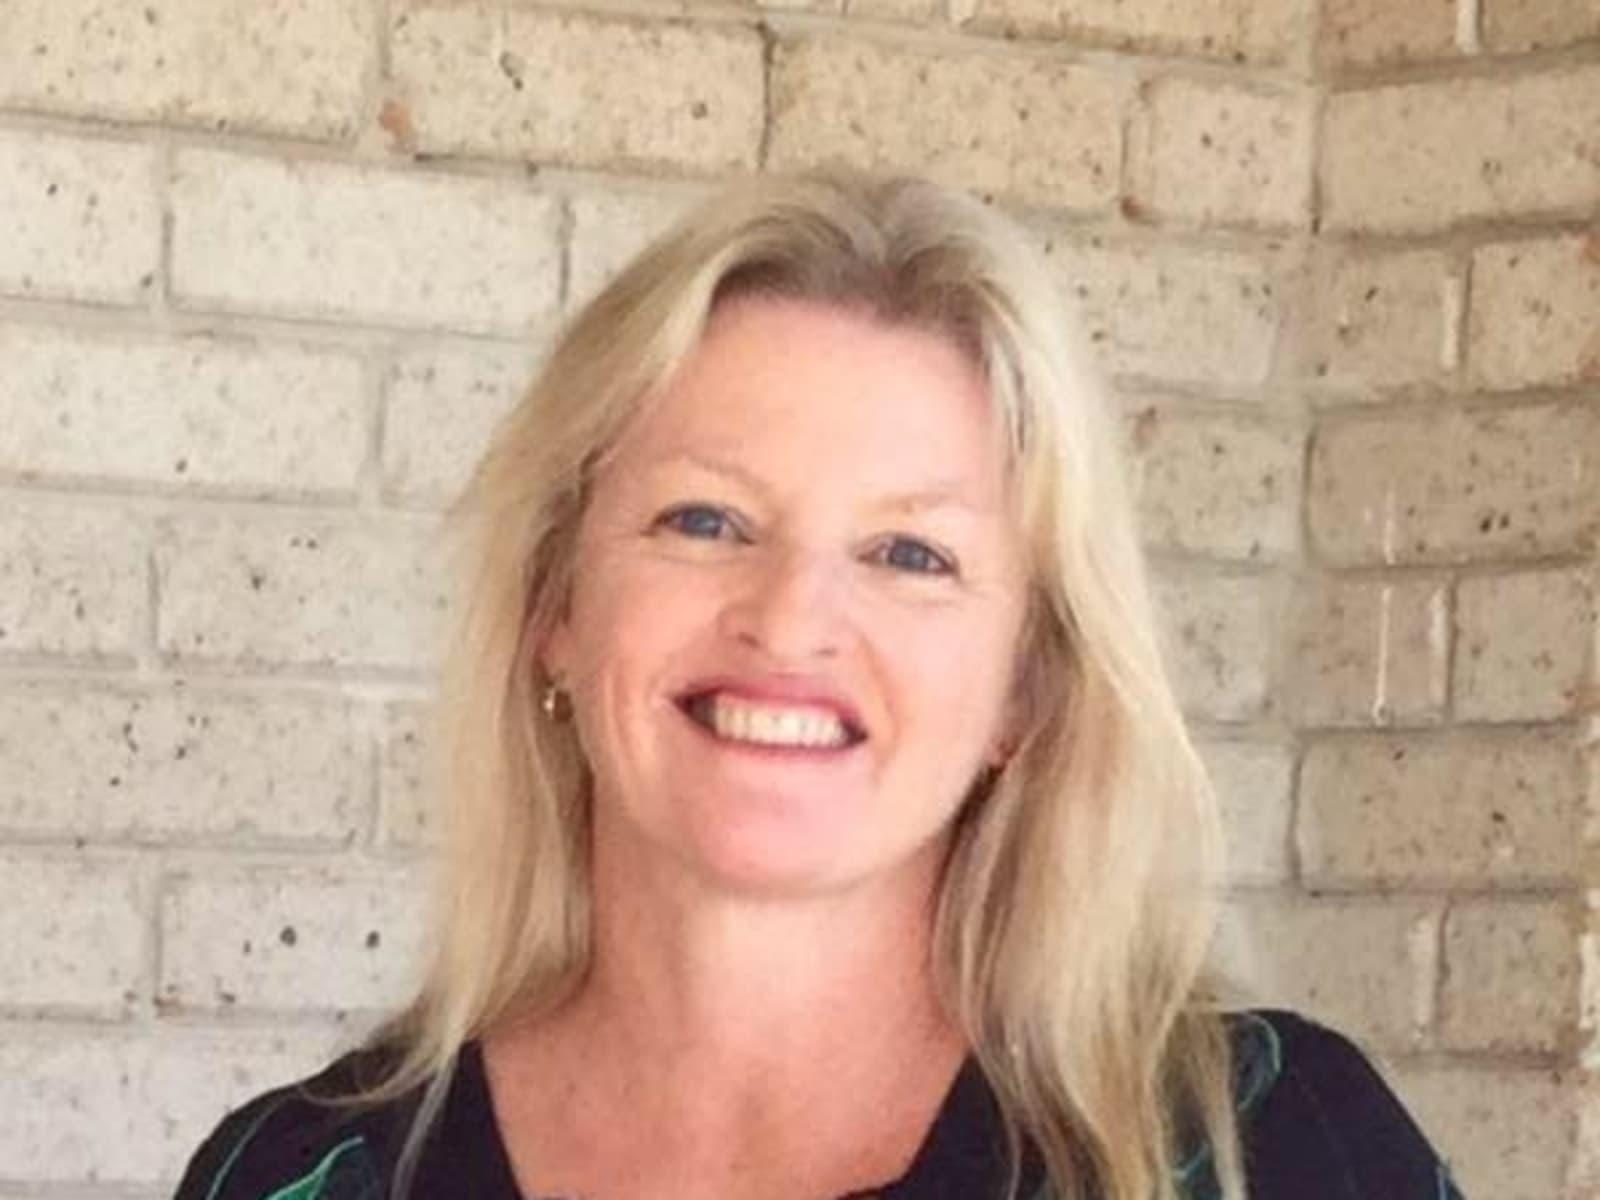 Karen from Tamborine, Queensland, Australia